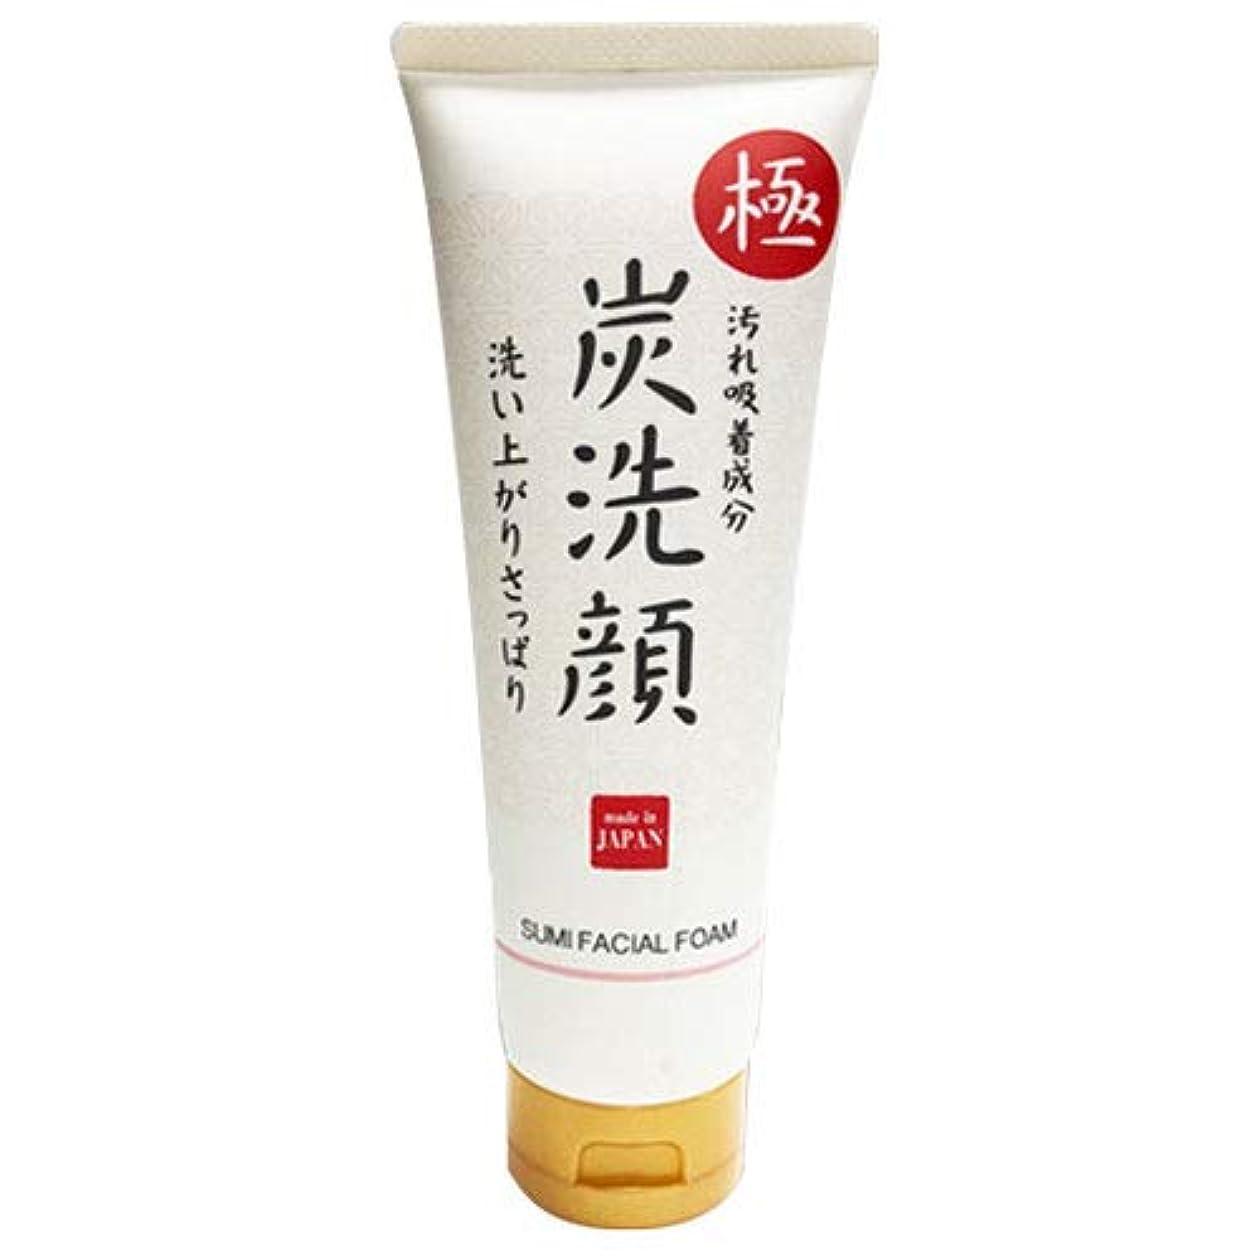 自殺織るシリング極 炭洗顔 日本製 炭 洗顔 フェイスケア 肌 美容 スキンケア クレンジング 素肌 もっちり泡洗顔 化粧品 メイク落とし 毛穴ケア 毛穴汚れ